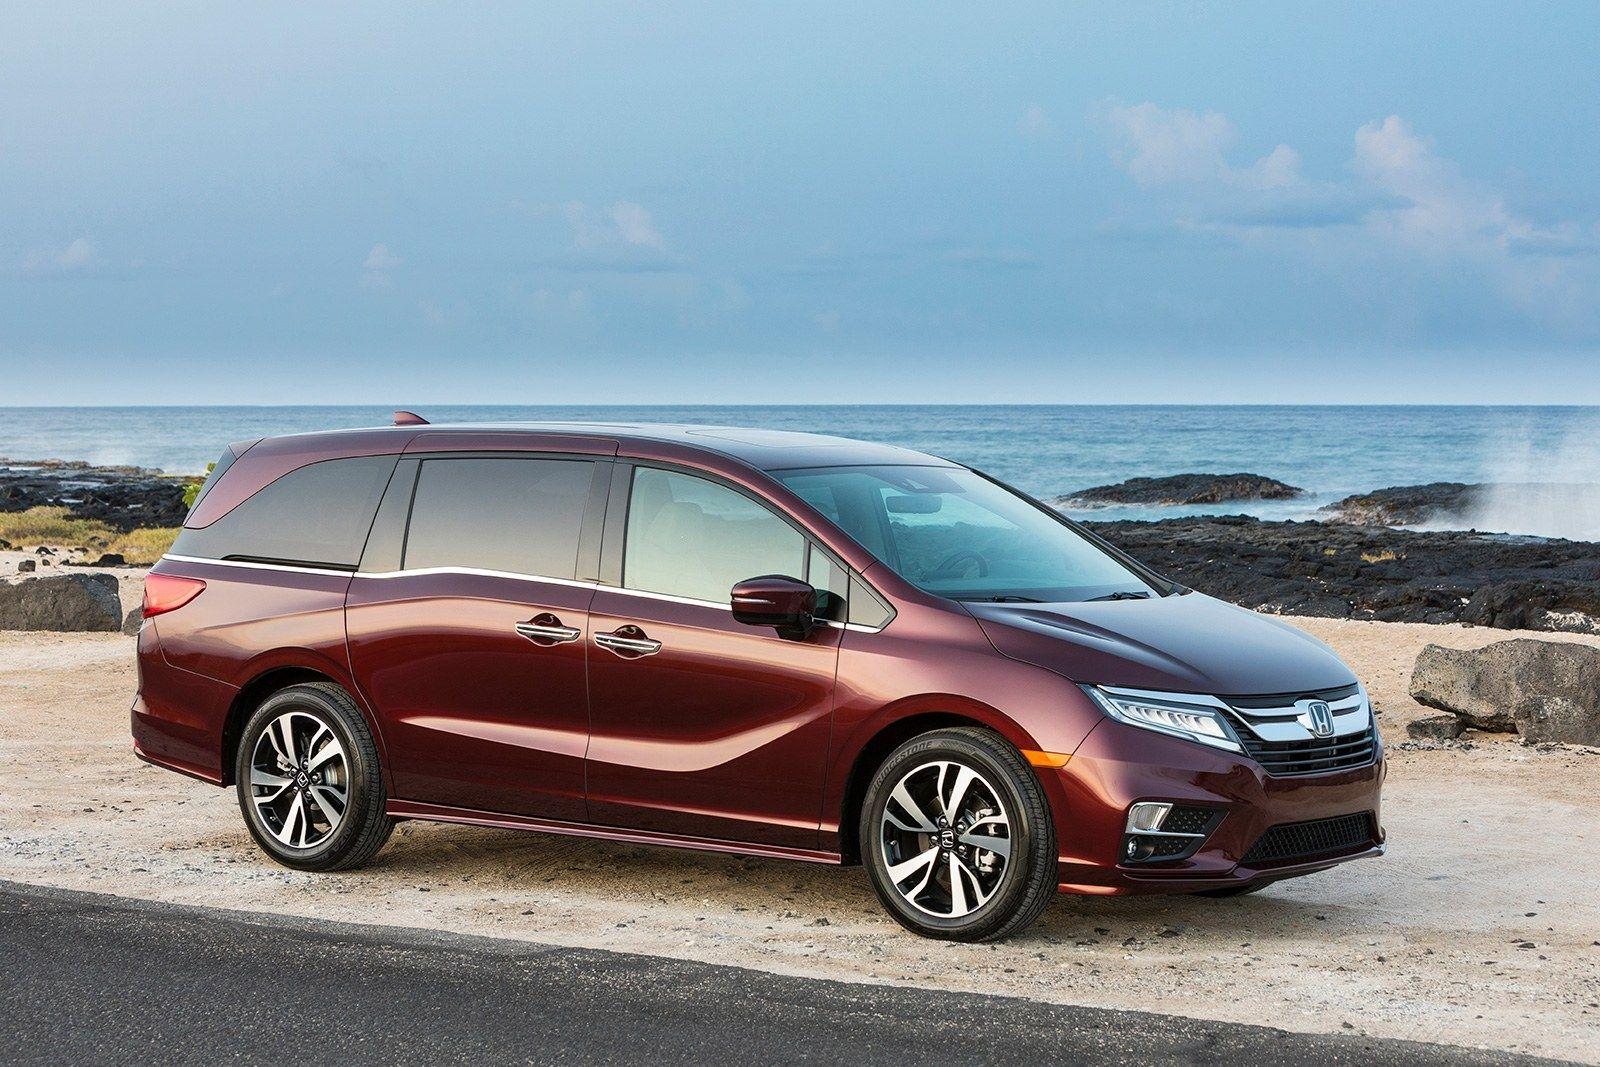 2019 Honda Odyssey Now On Sale In The Us Honda Van Honda Odyssey Honda Odyssey Reviews